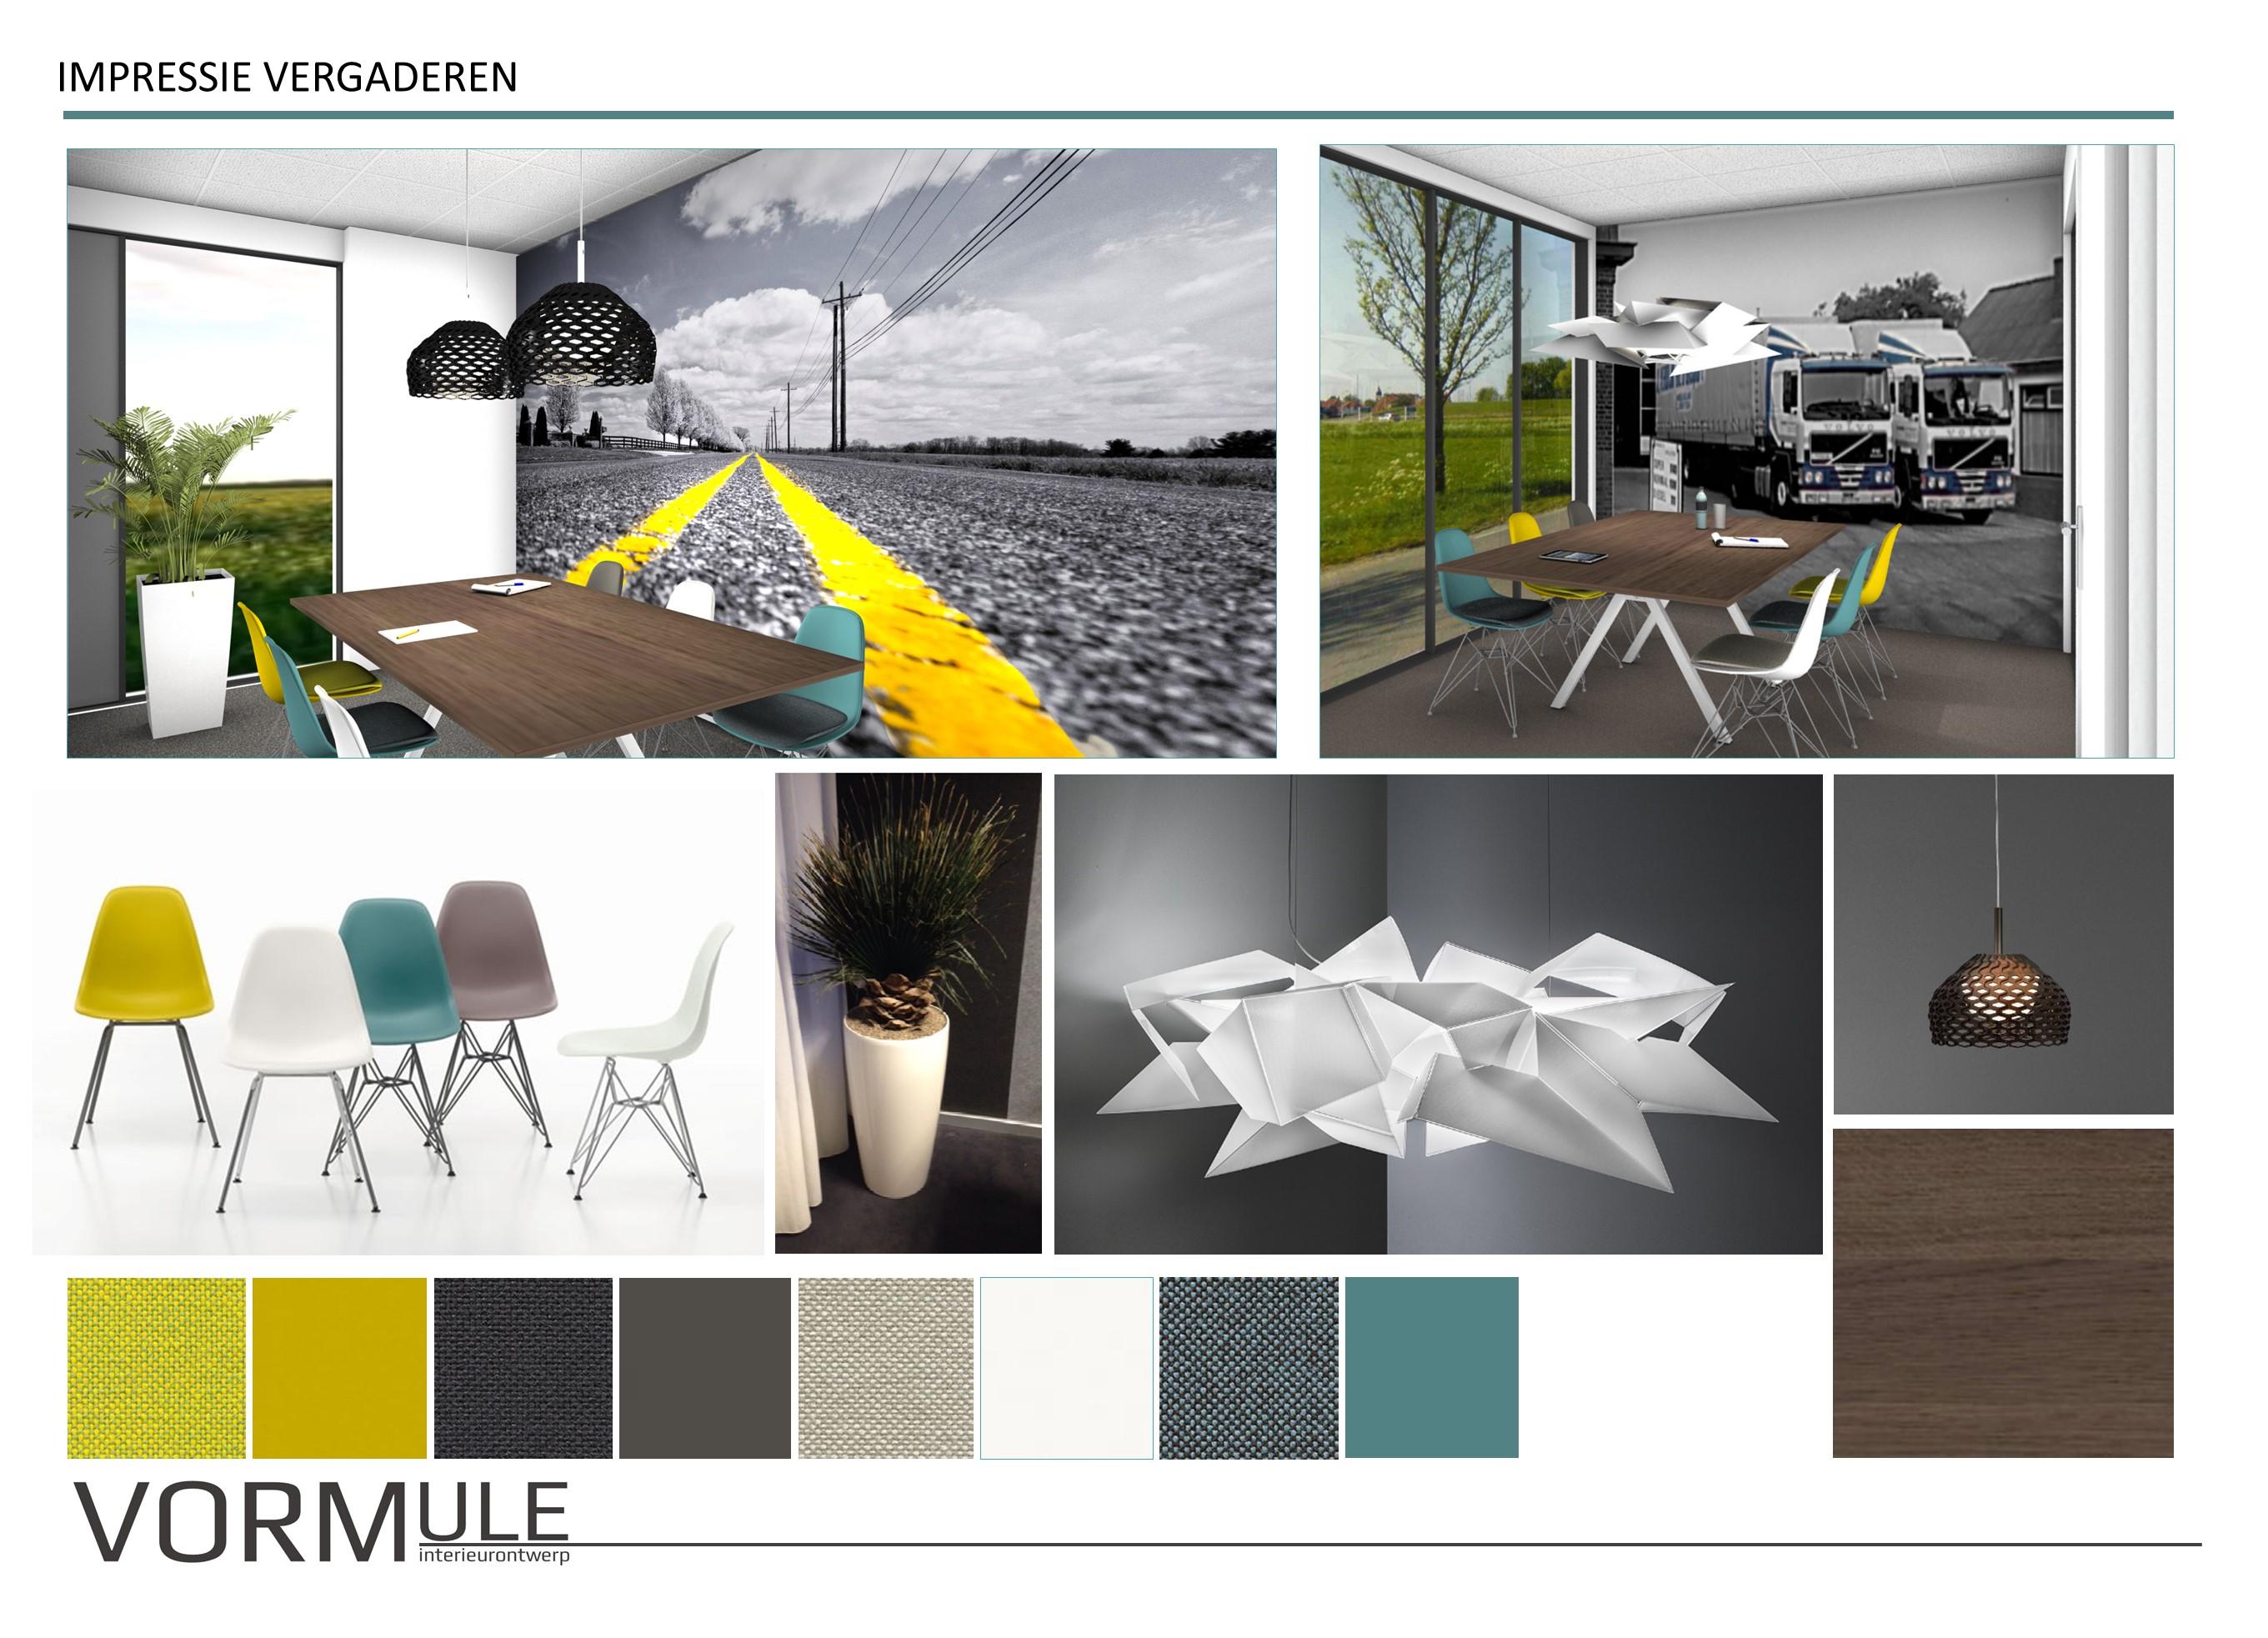 VORMule interieur ontwerp_ moodboard_ projectinrichting_ vergaderen